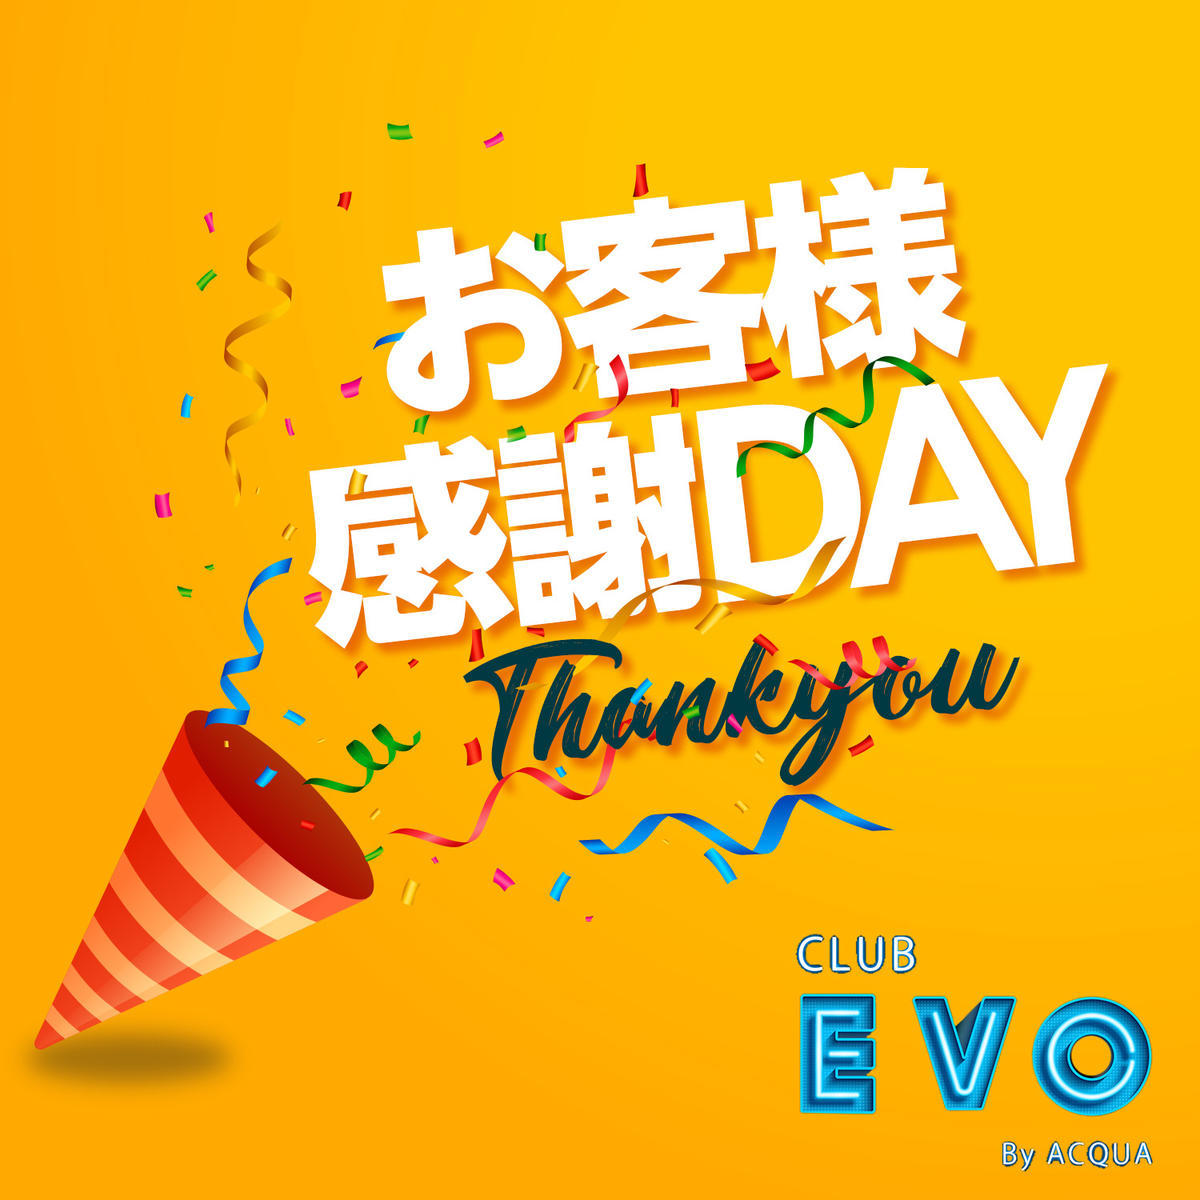 歌舞伎町EVOのイベント「お客様感謝DAY」のポスターデザイン